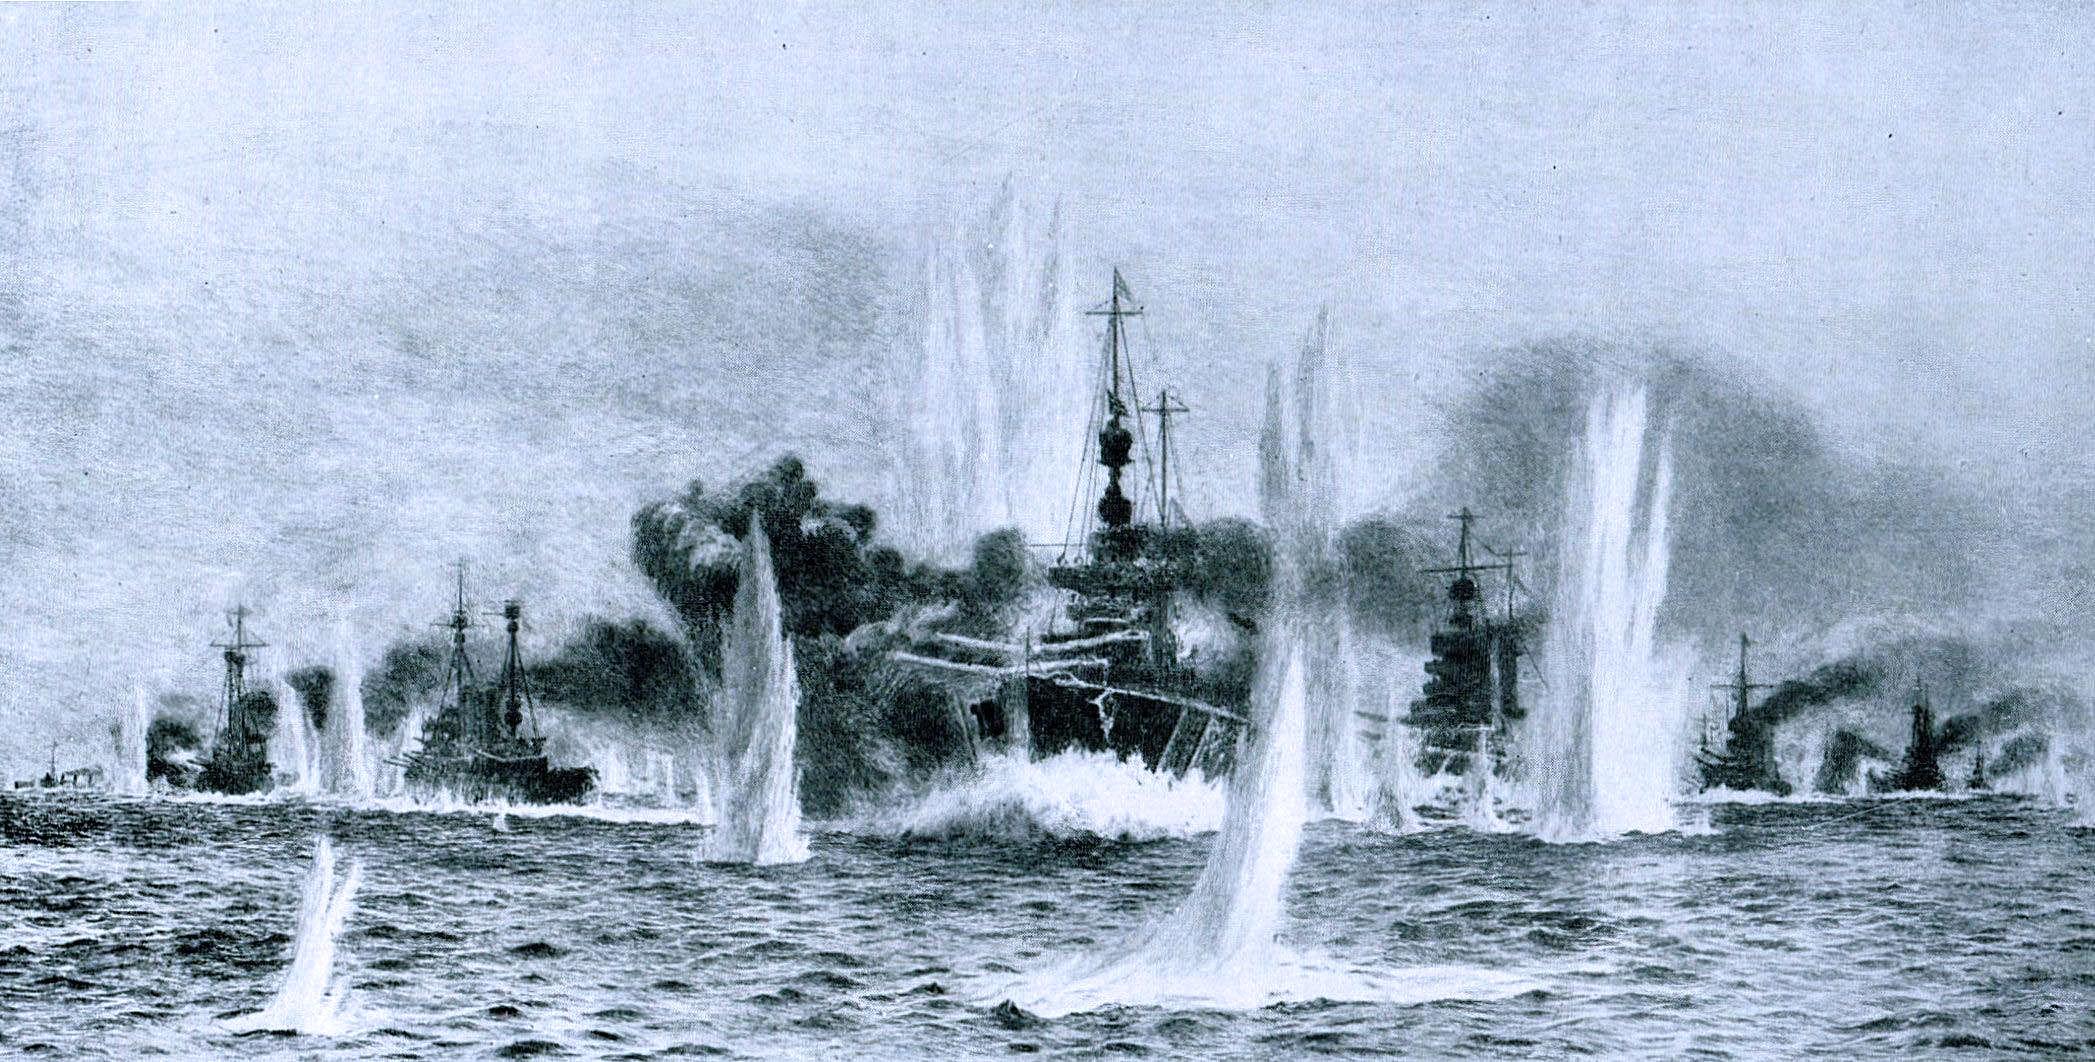 La battaglia dello Jutland: l'ultima grande battaglia della storia ad essere combattuta dalle corazzate